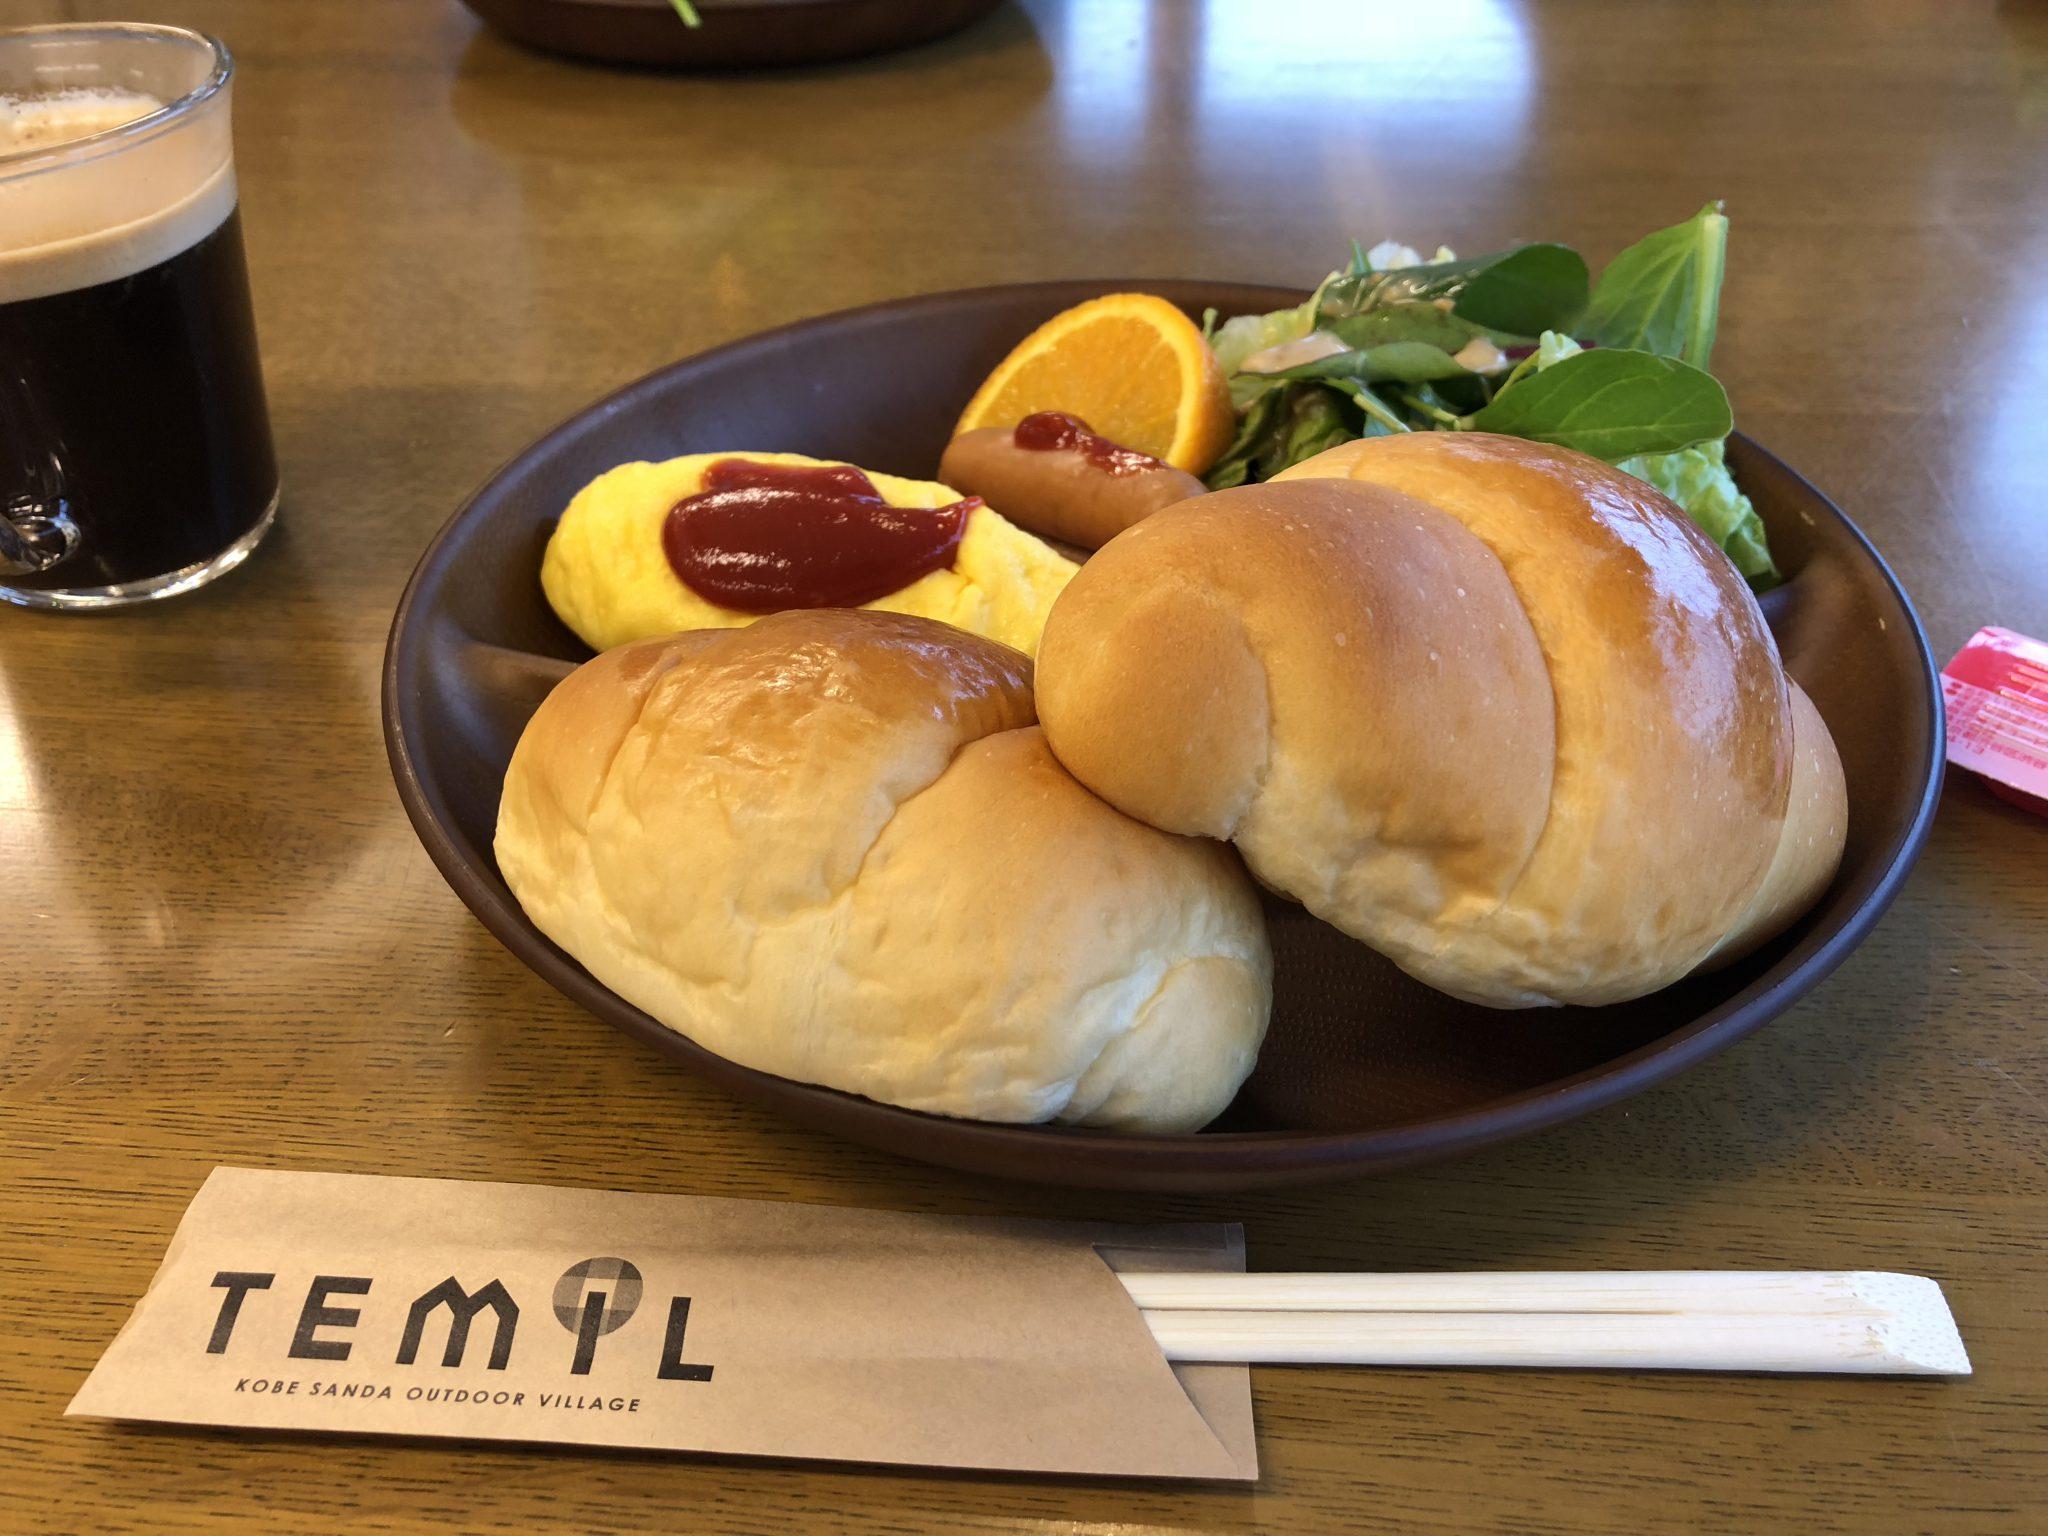 社員研修合宿やハッカソンにも便利そう!大阪・神戸から約1時間でいける三田市あるアウトドア施設TEMILでひょうごんの合宿をしてきた!